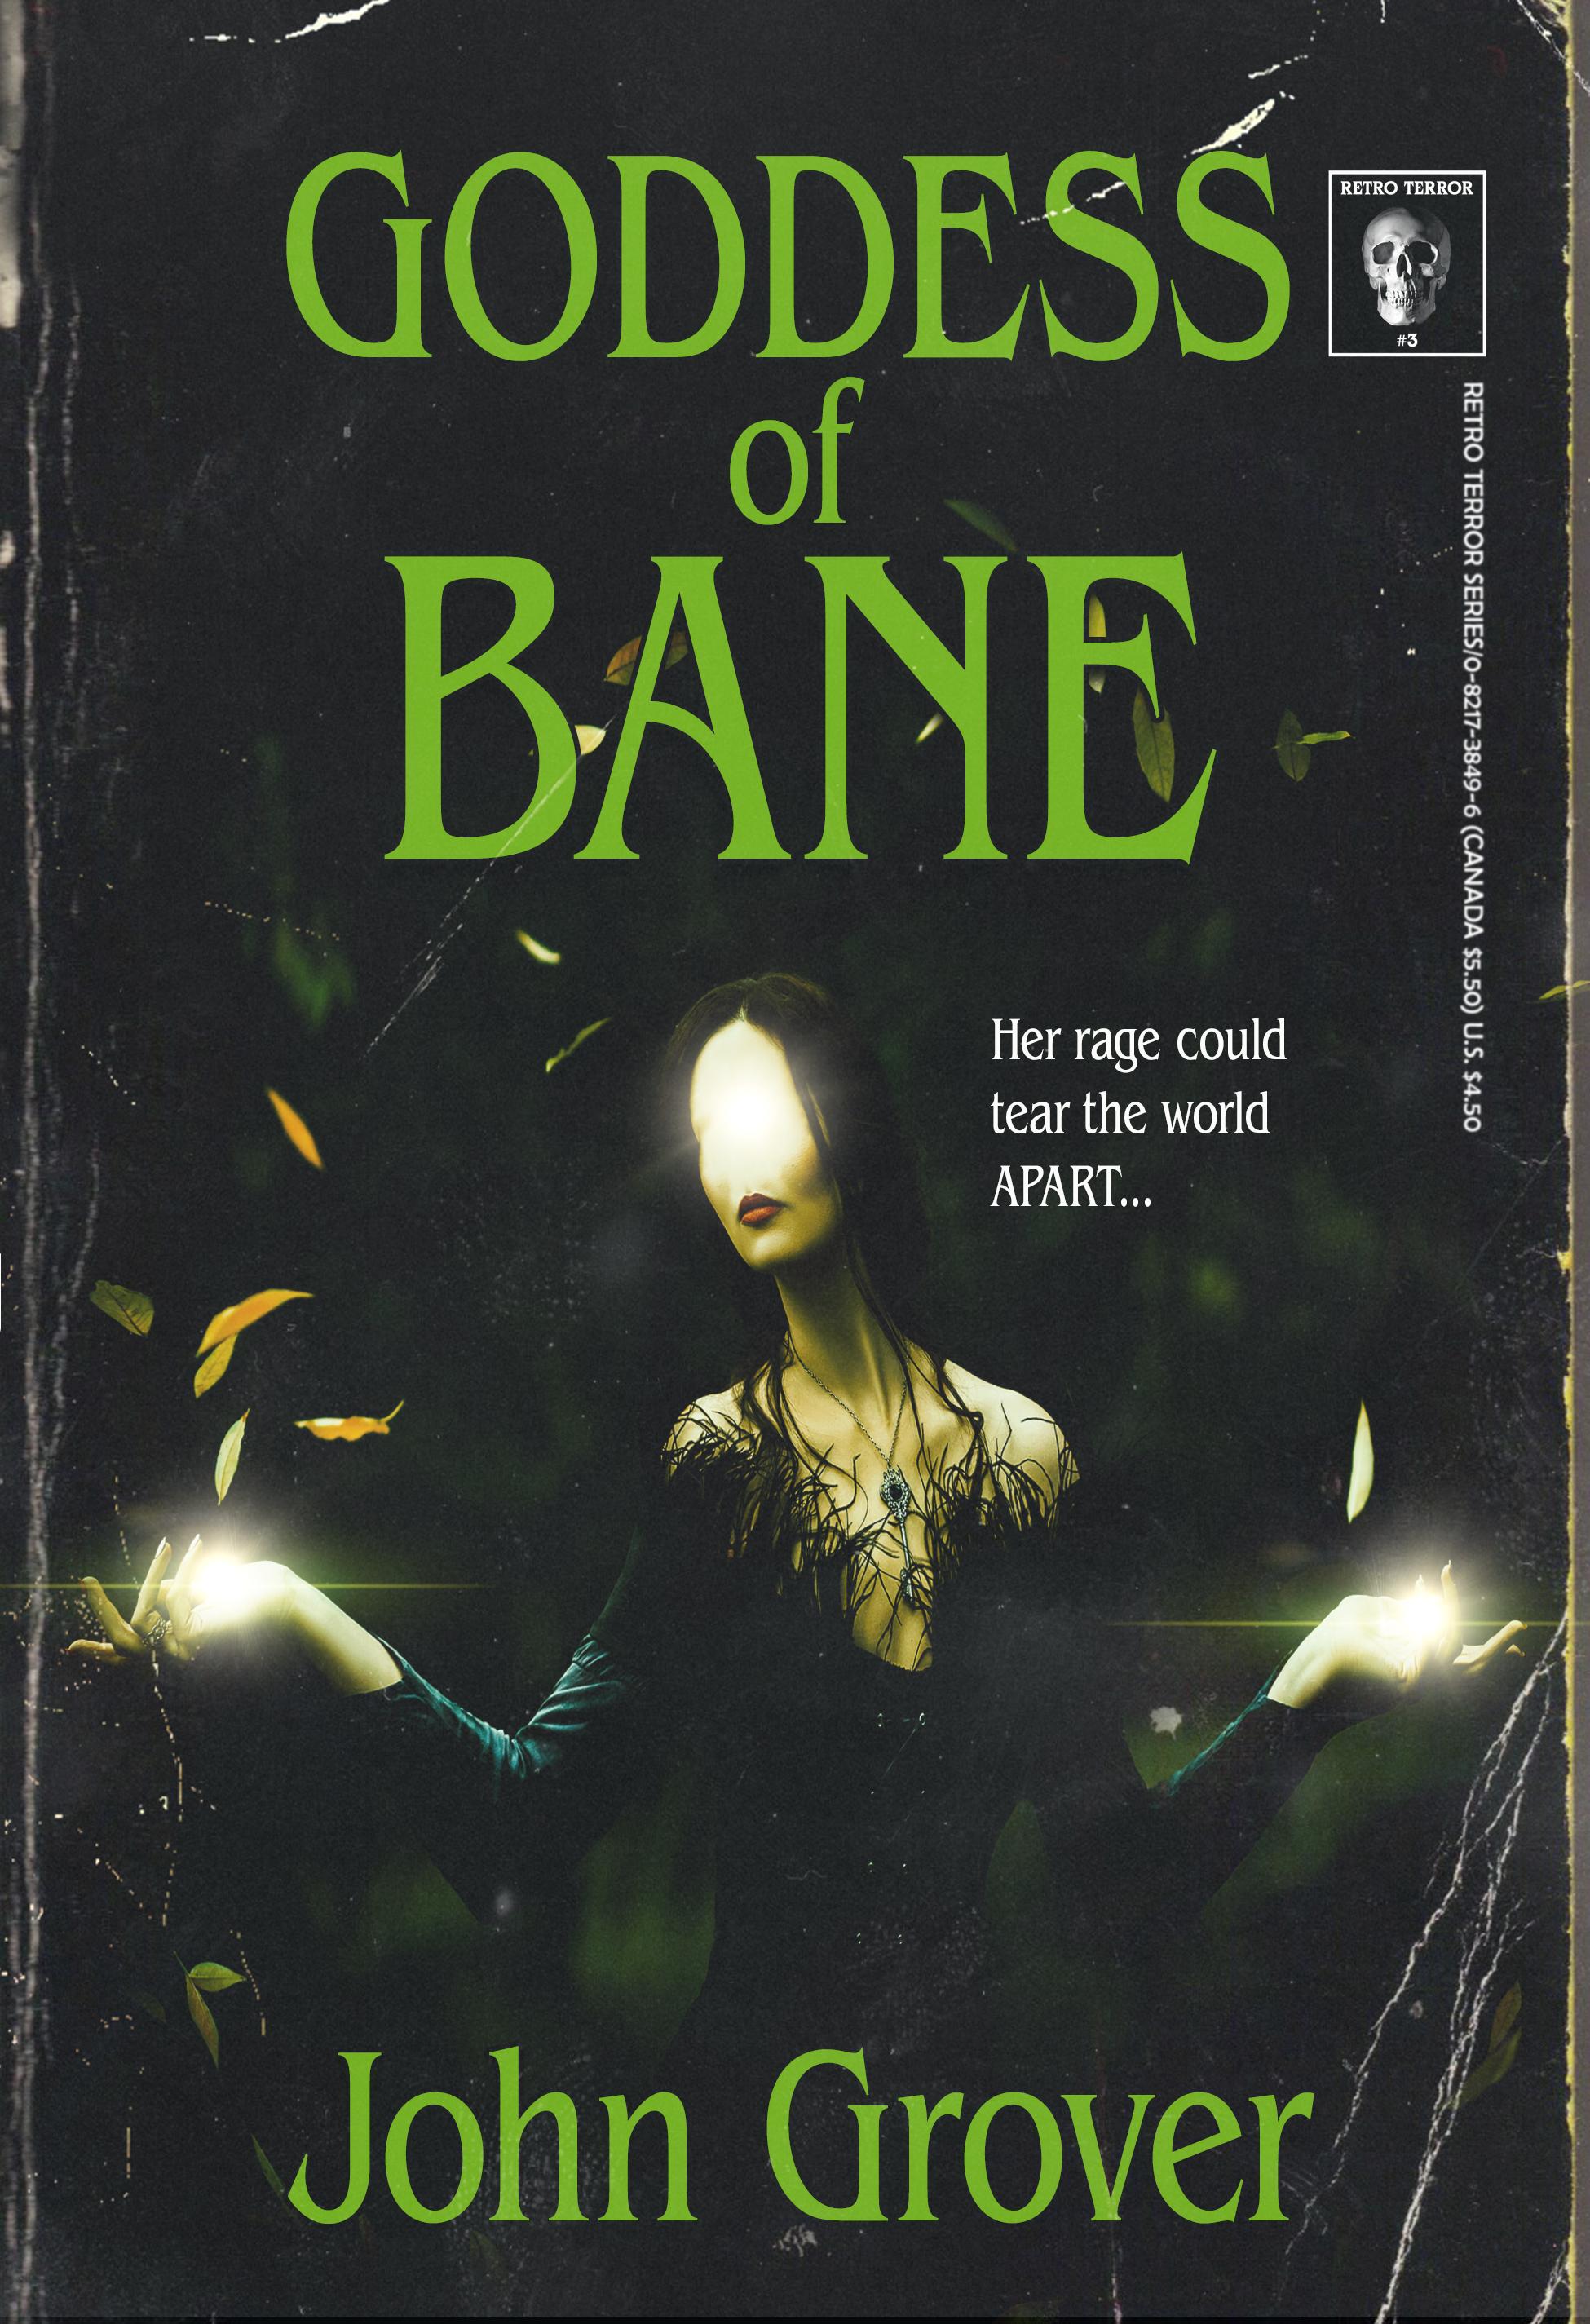 Goddess of Bane by John Grover